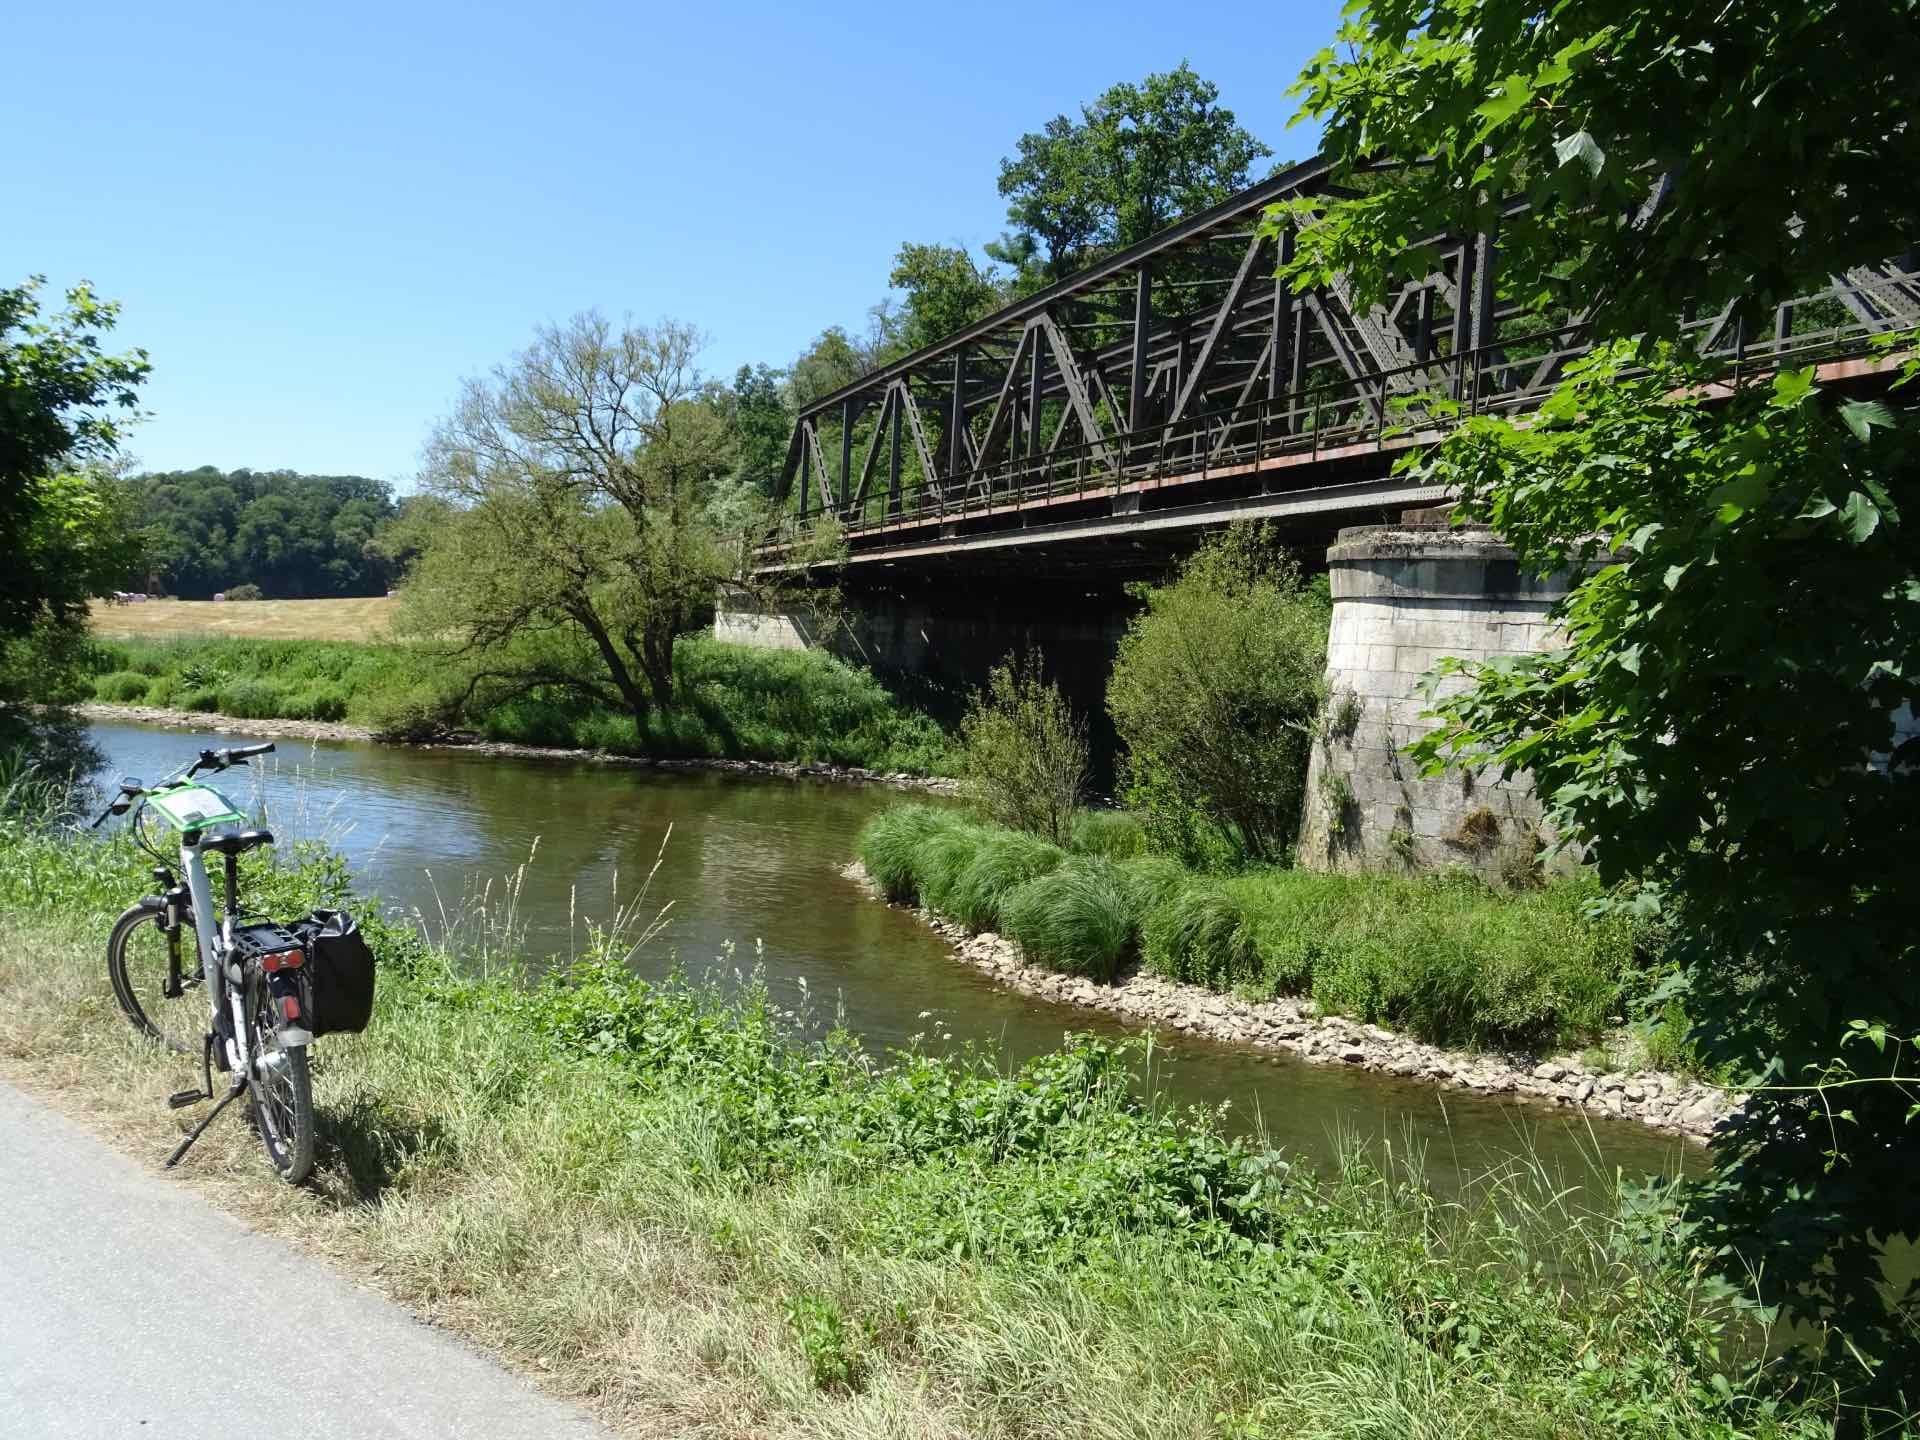 Lahntalradweg - spoorbrug over de Lahn